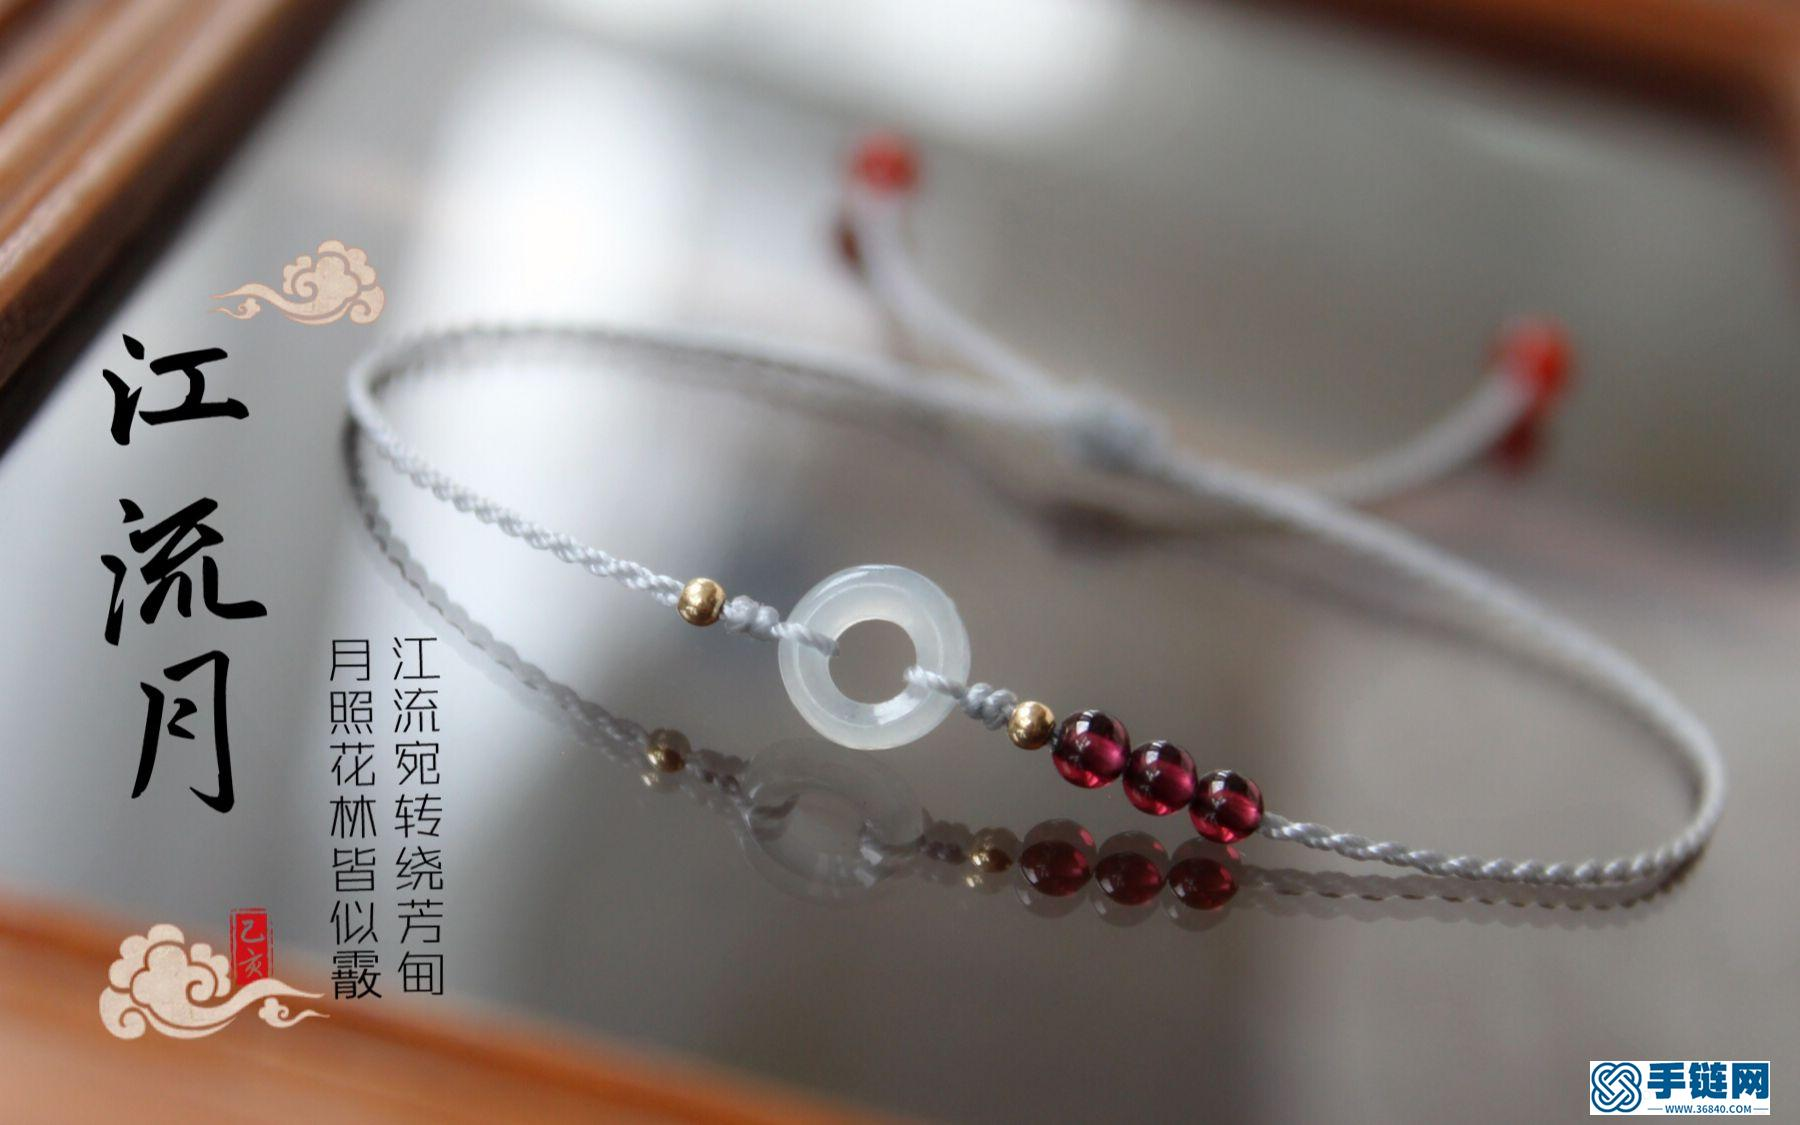 江流月 极细石榴石翡翠环手绳 很典雅的银灰色和酒红色哦